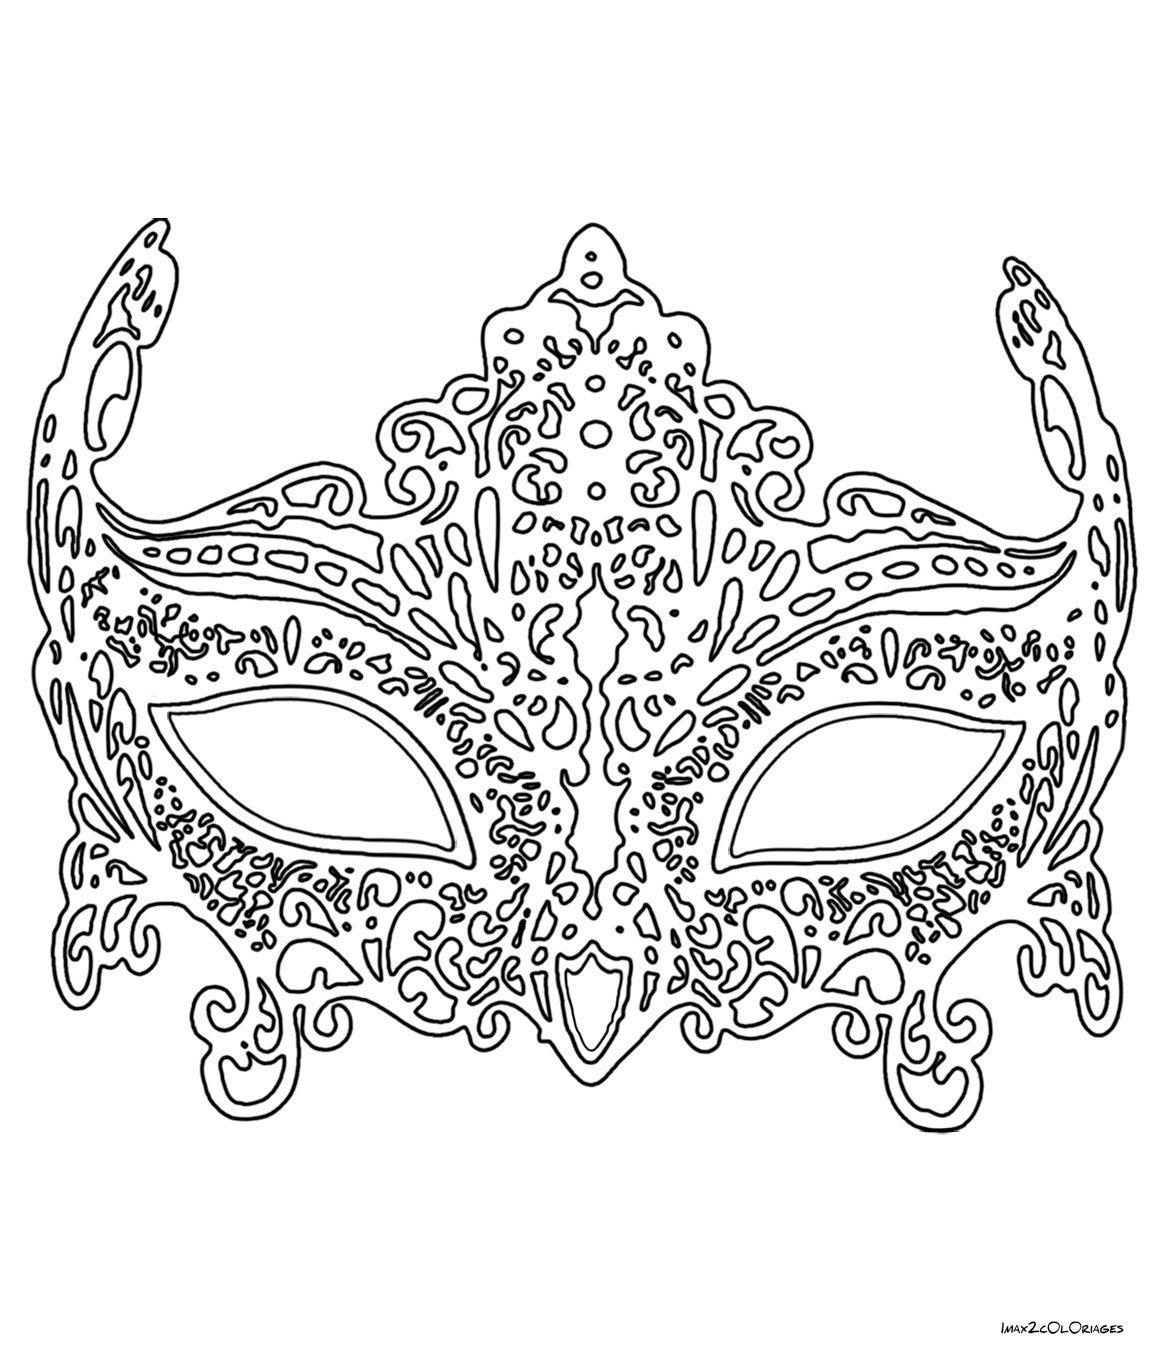 составили раскраска девчачьи маски кольцо монеты выпущенной